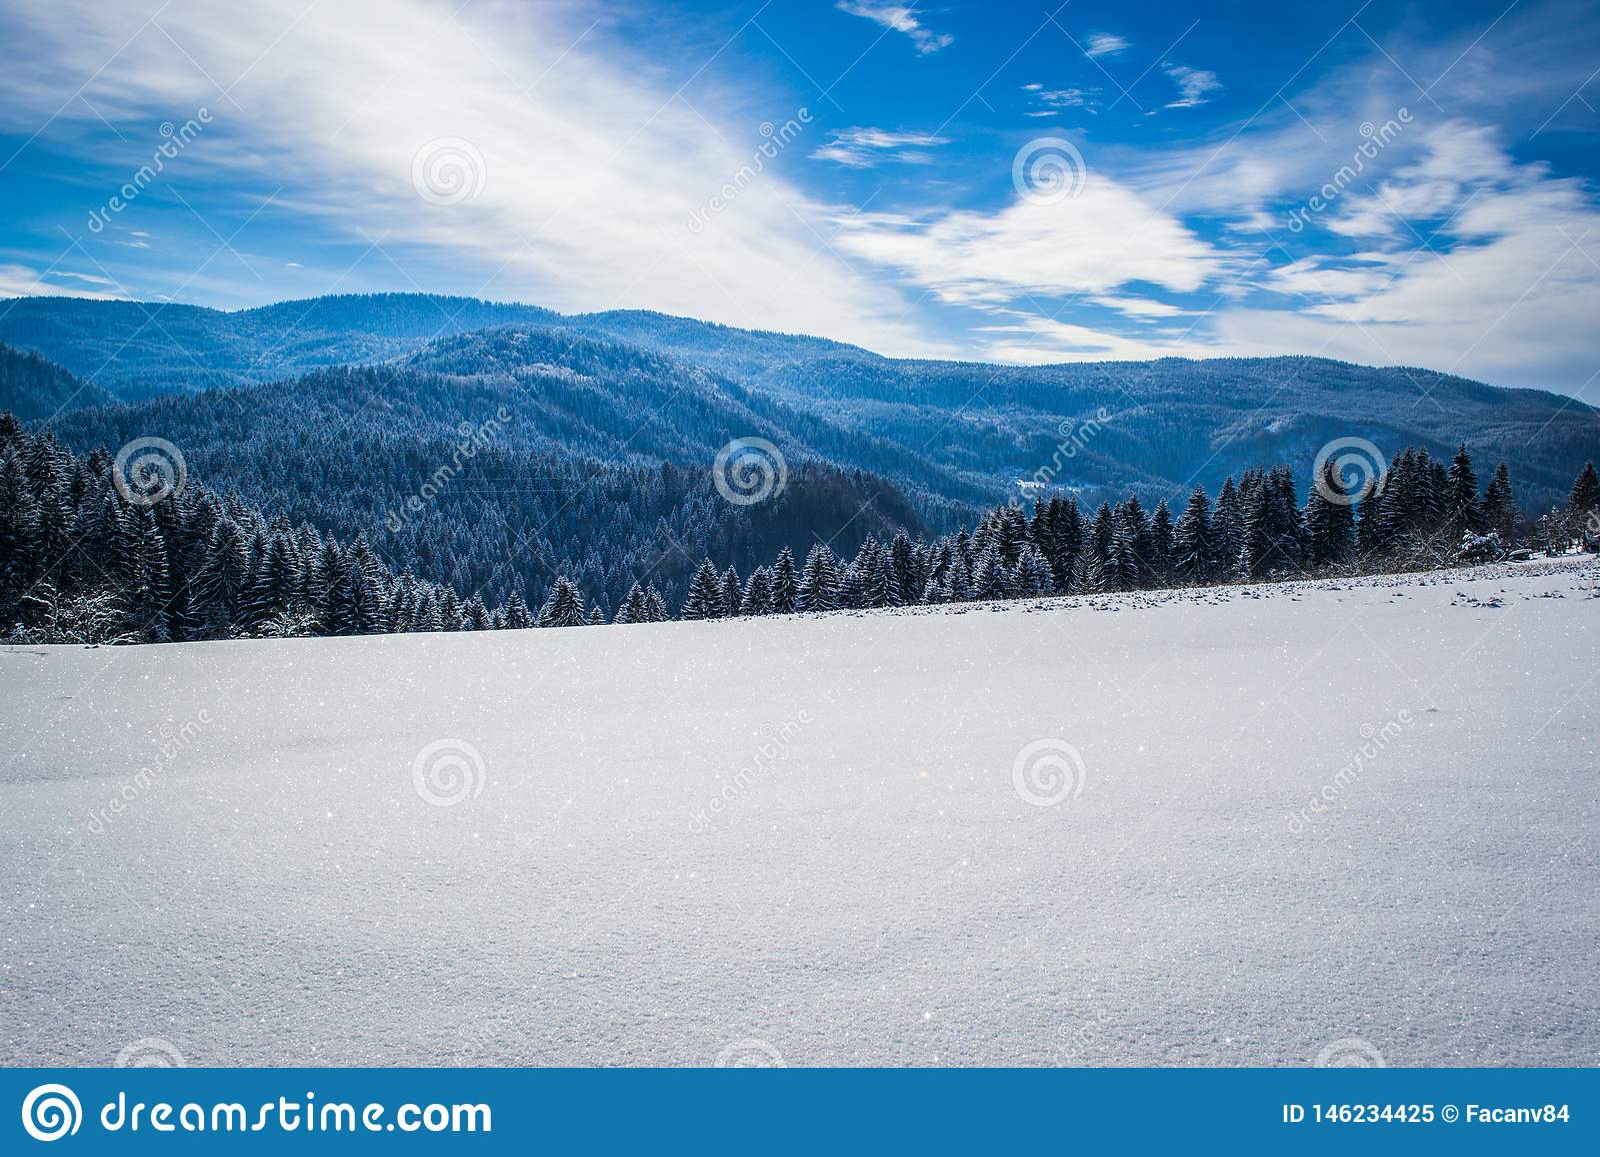 Paisagens bonitas do inverno com floresta, ?rvores e sol Um inverno e um dia ensolarado na montanha C?u azul no fundo